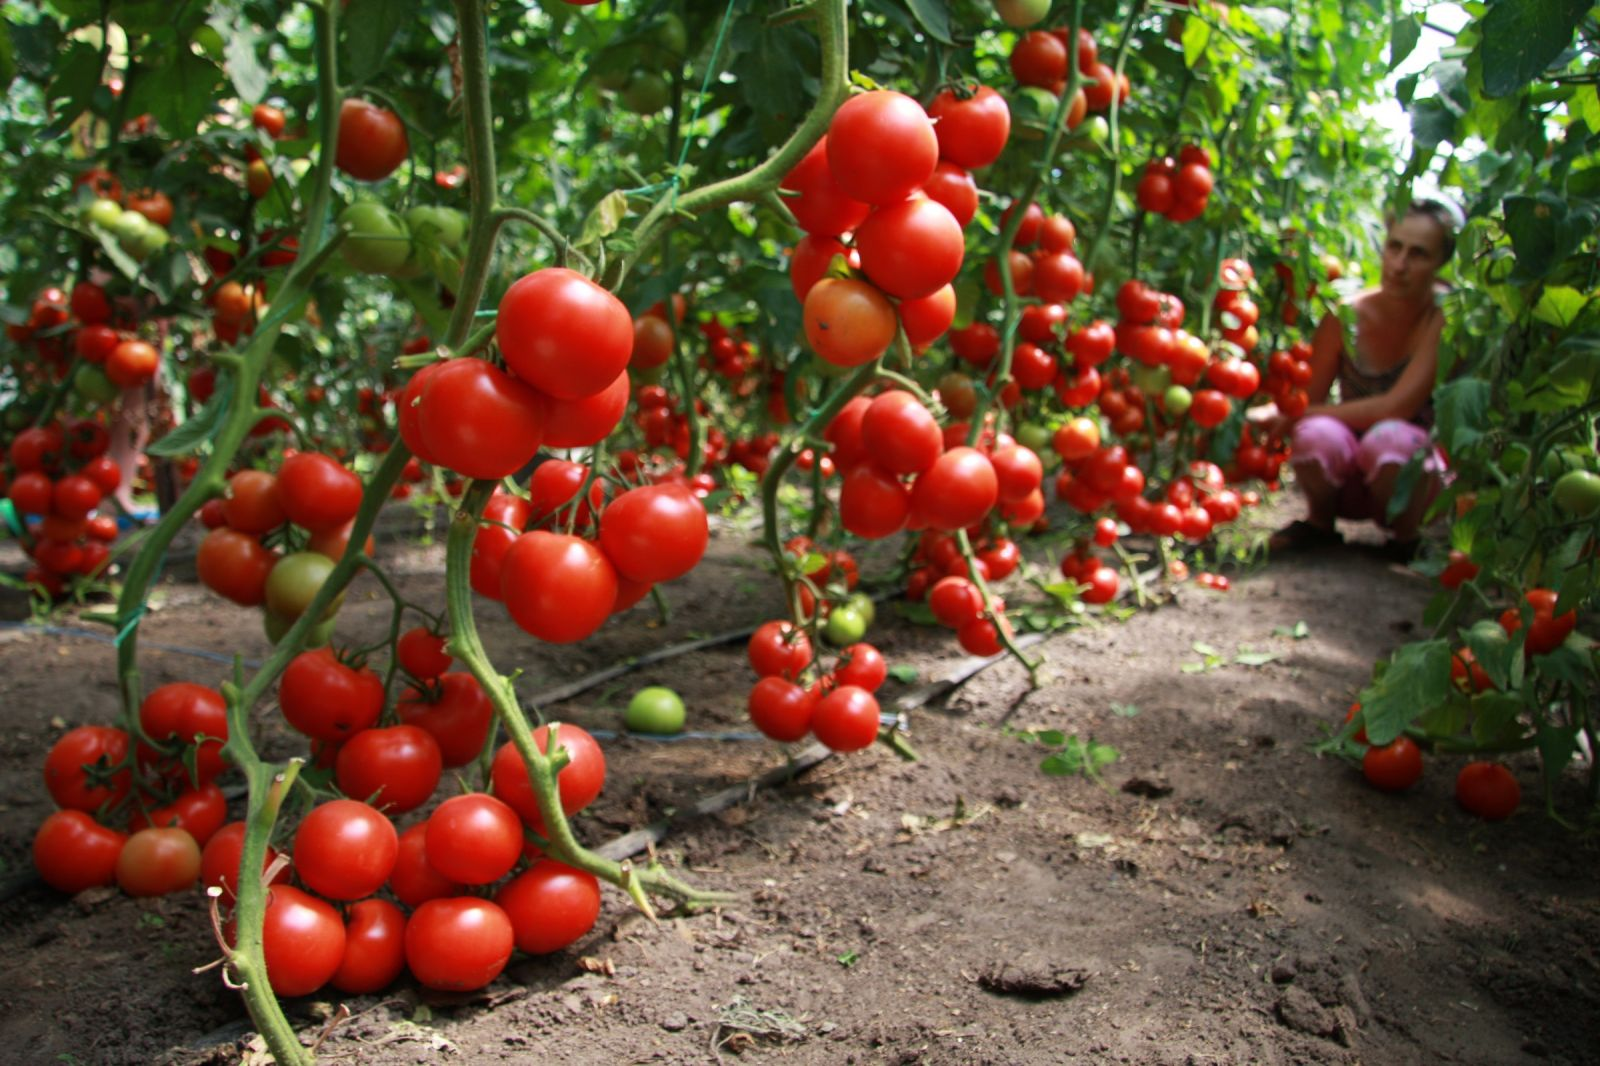 Выращивание помидоров в теплице - подробное описание процесса!